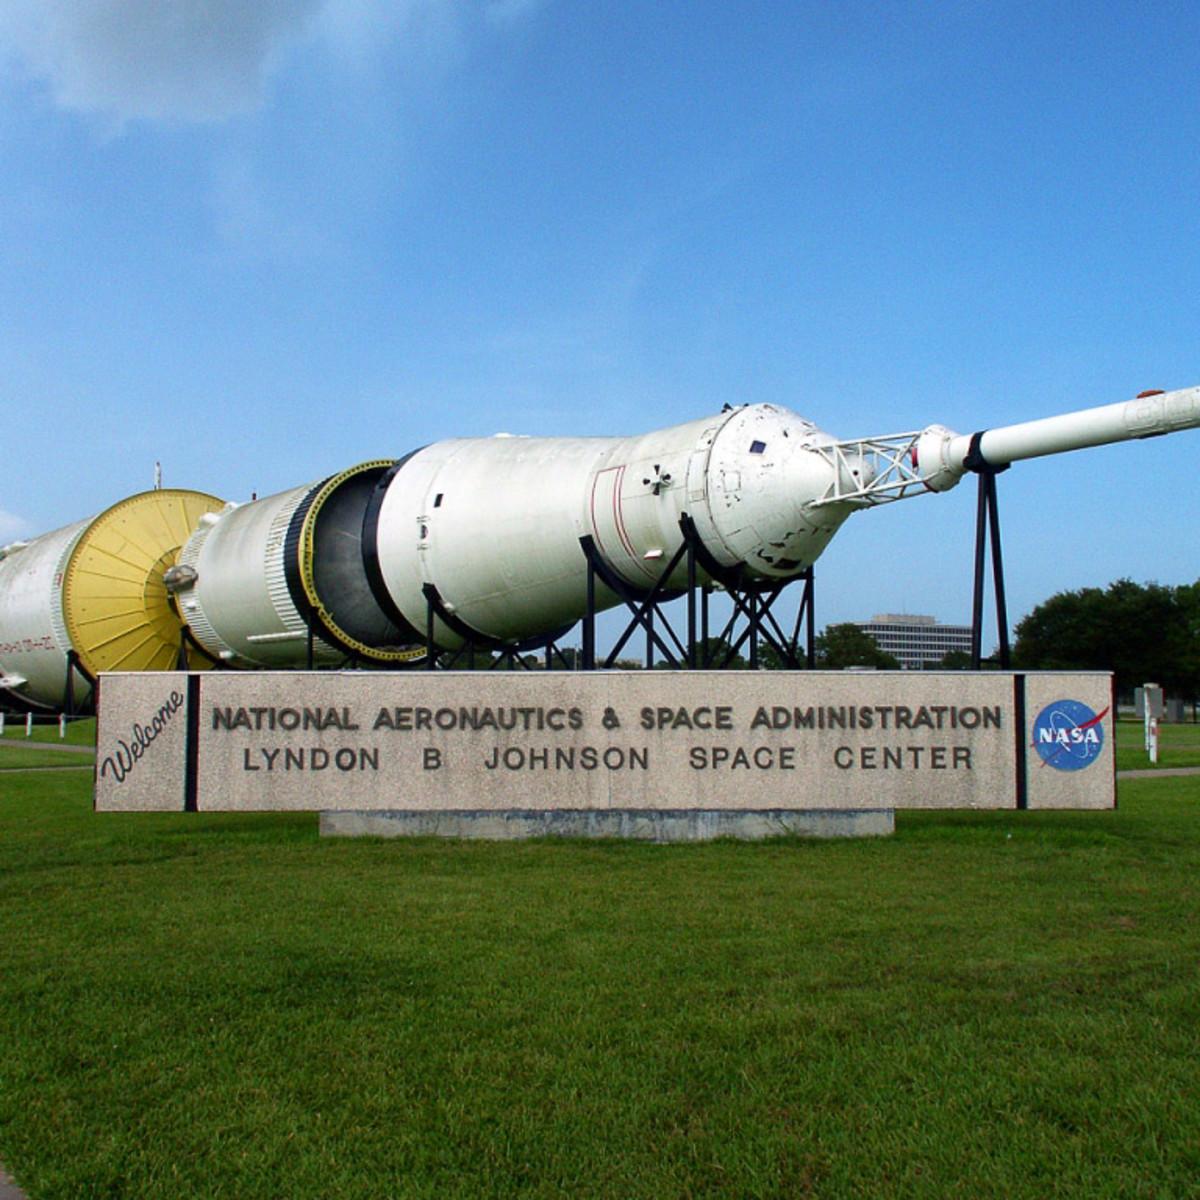 News_Johnson Space Center_NASA_by Raniero Tazzi